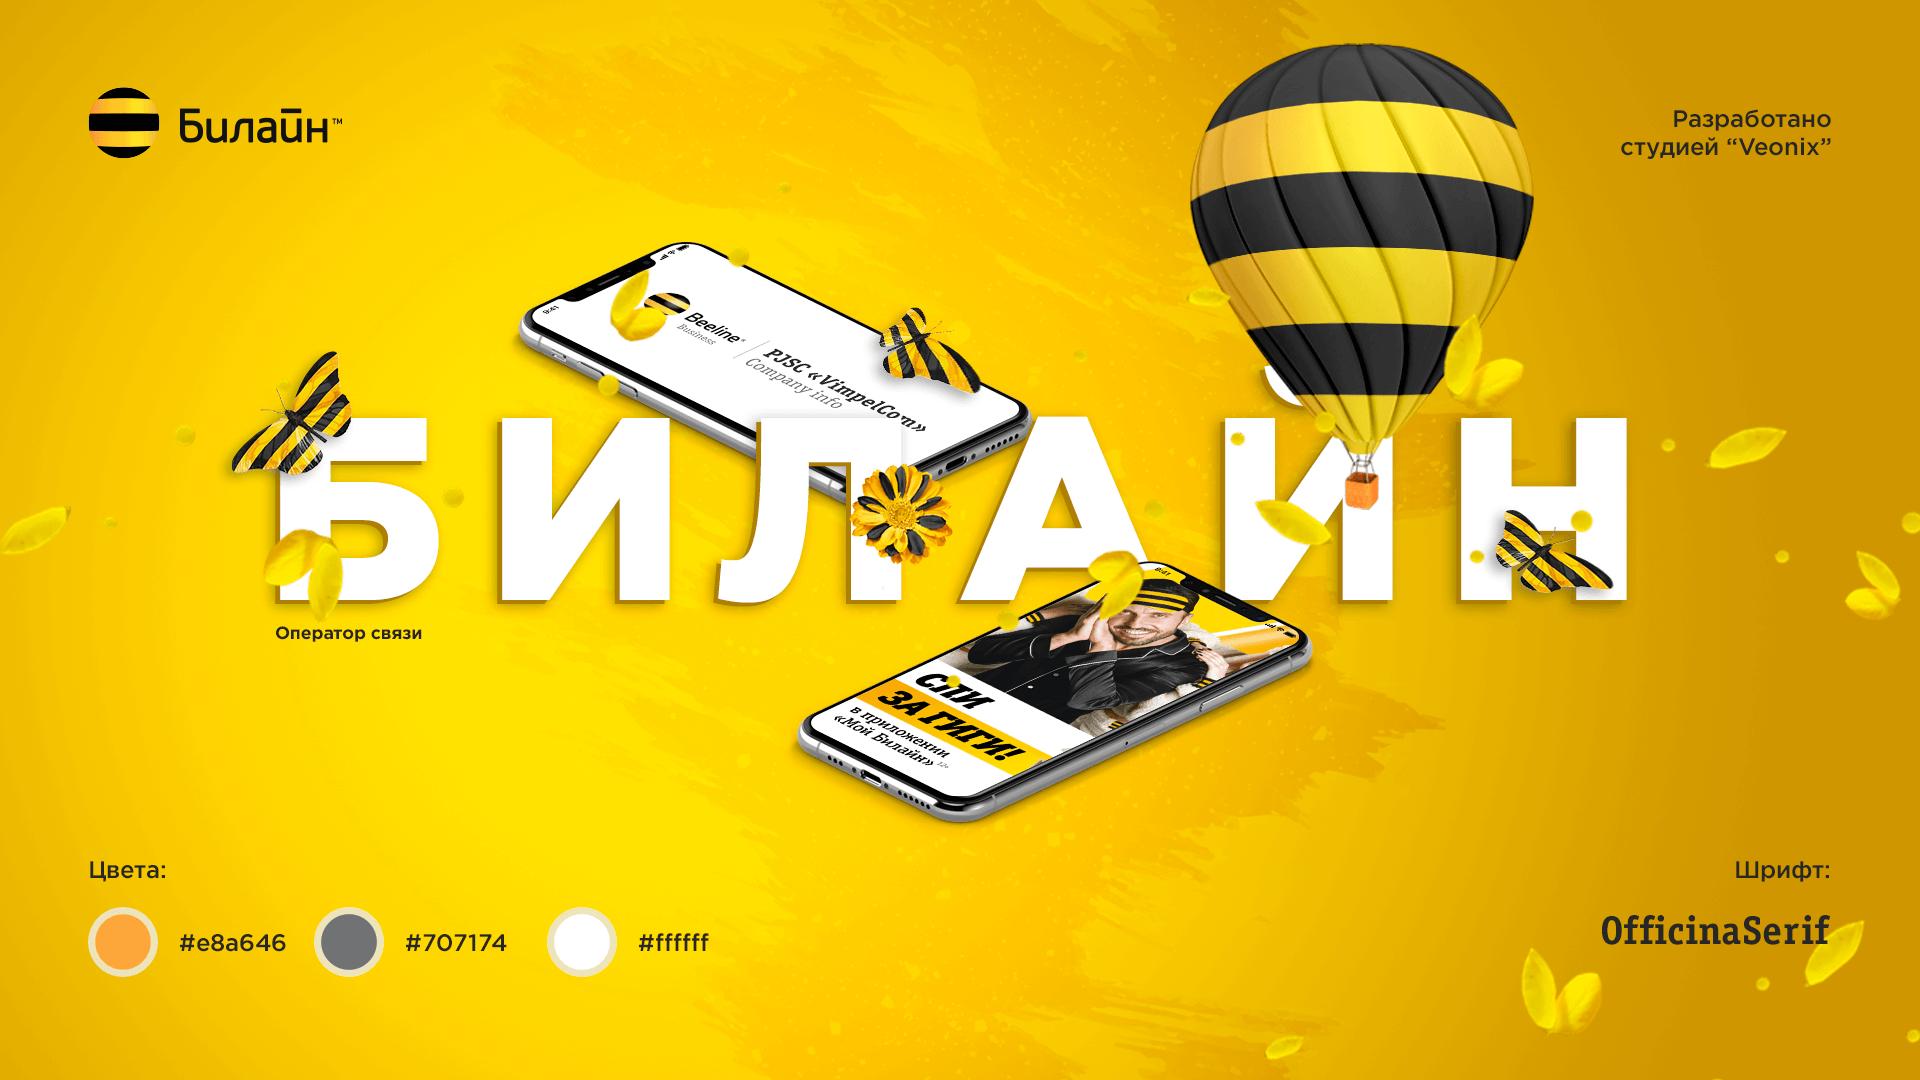 Презентация Билайн | Разработка презентаций на заказ в Москве